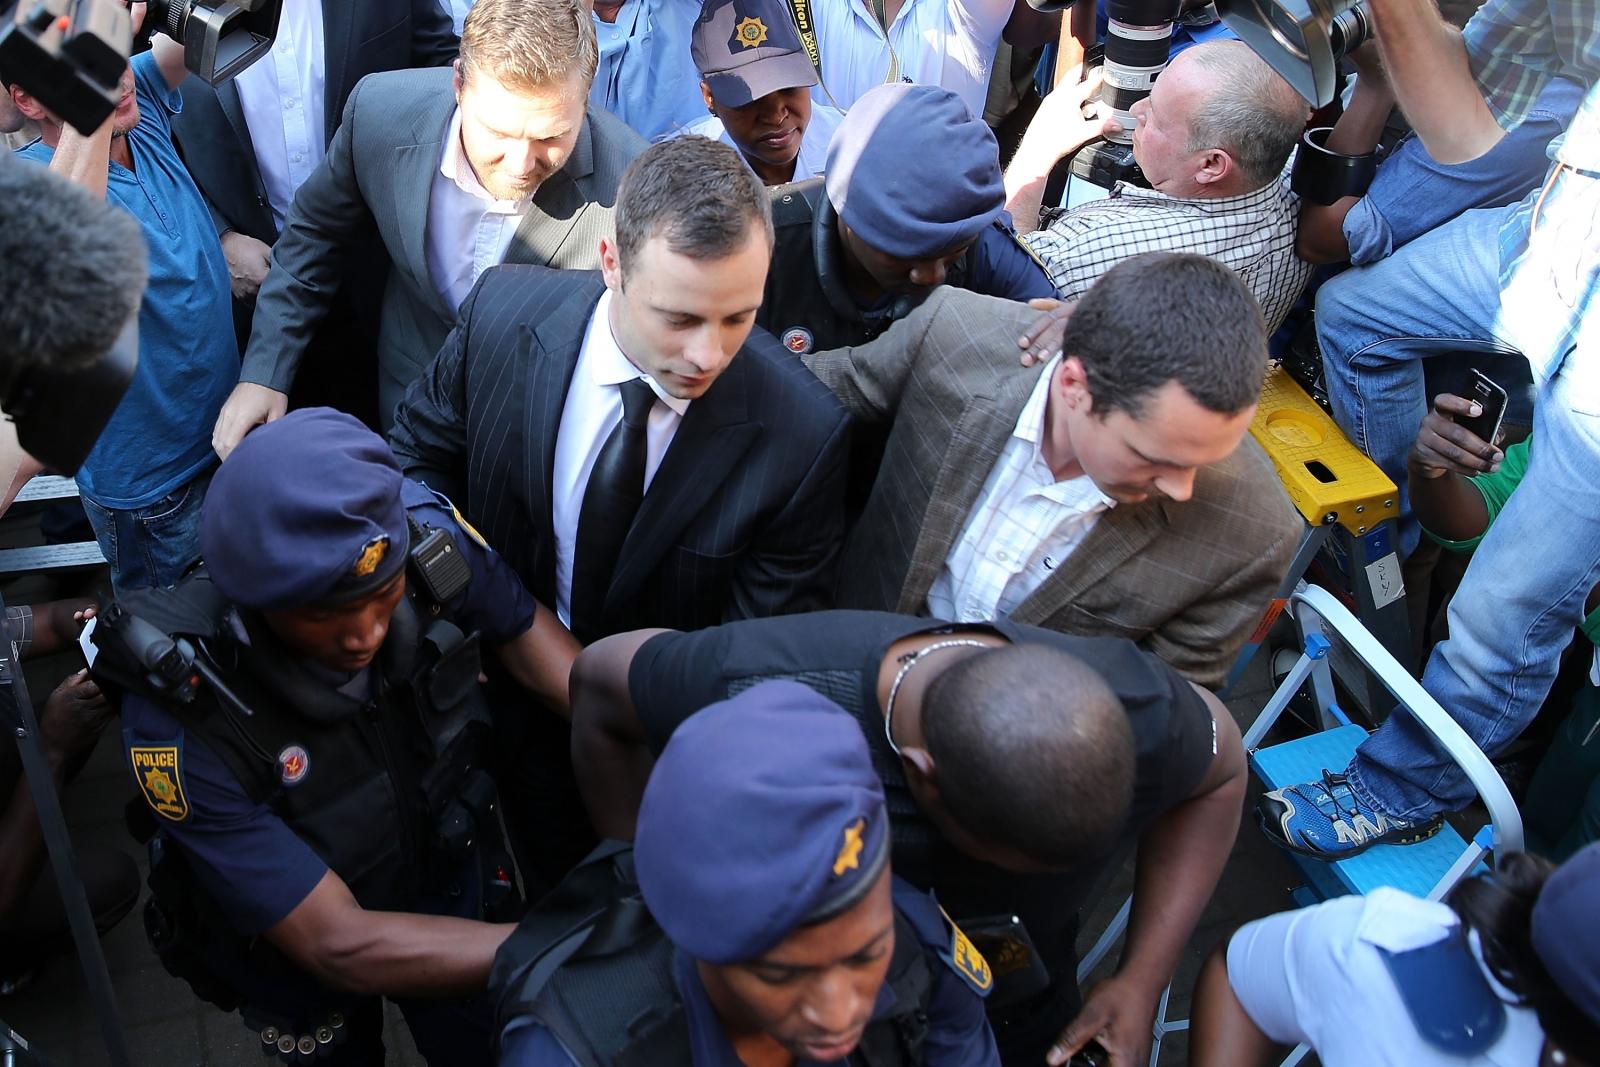 Oscar Pistorius arrives at North Gauteng High Court